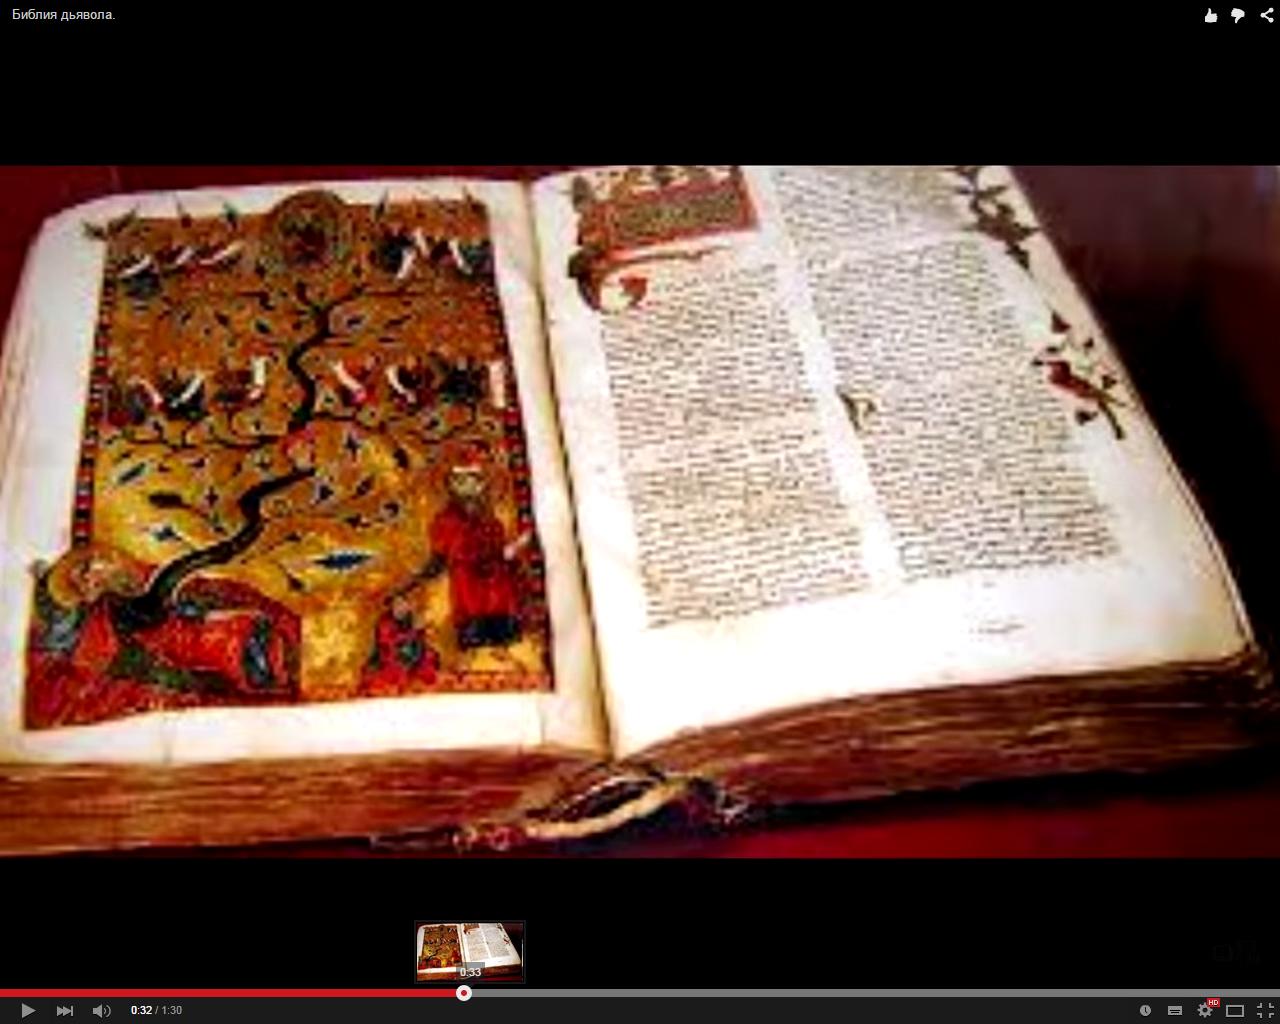 «Кодекс Гигас» или книга дьявола. Видео.